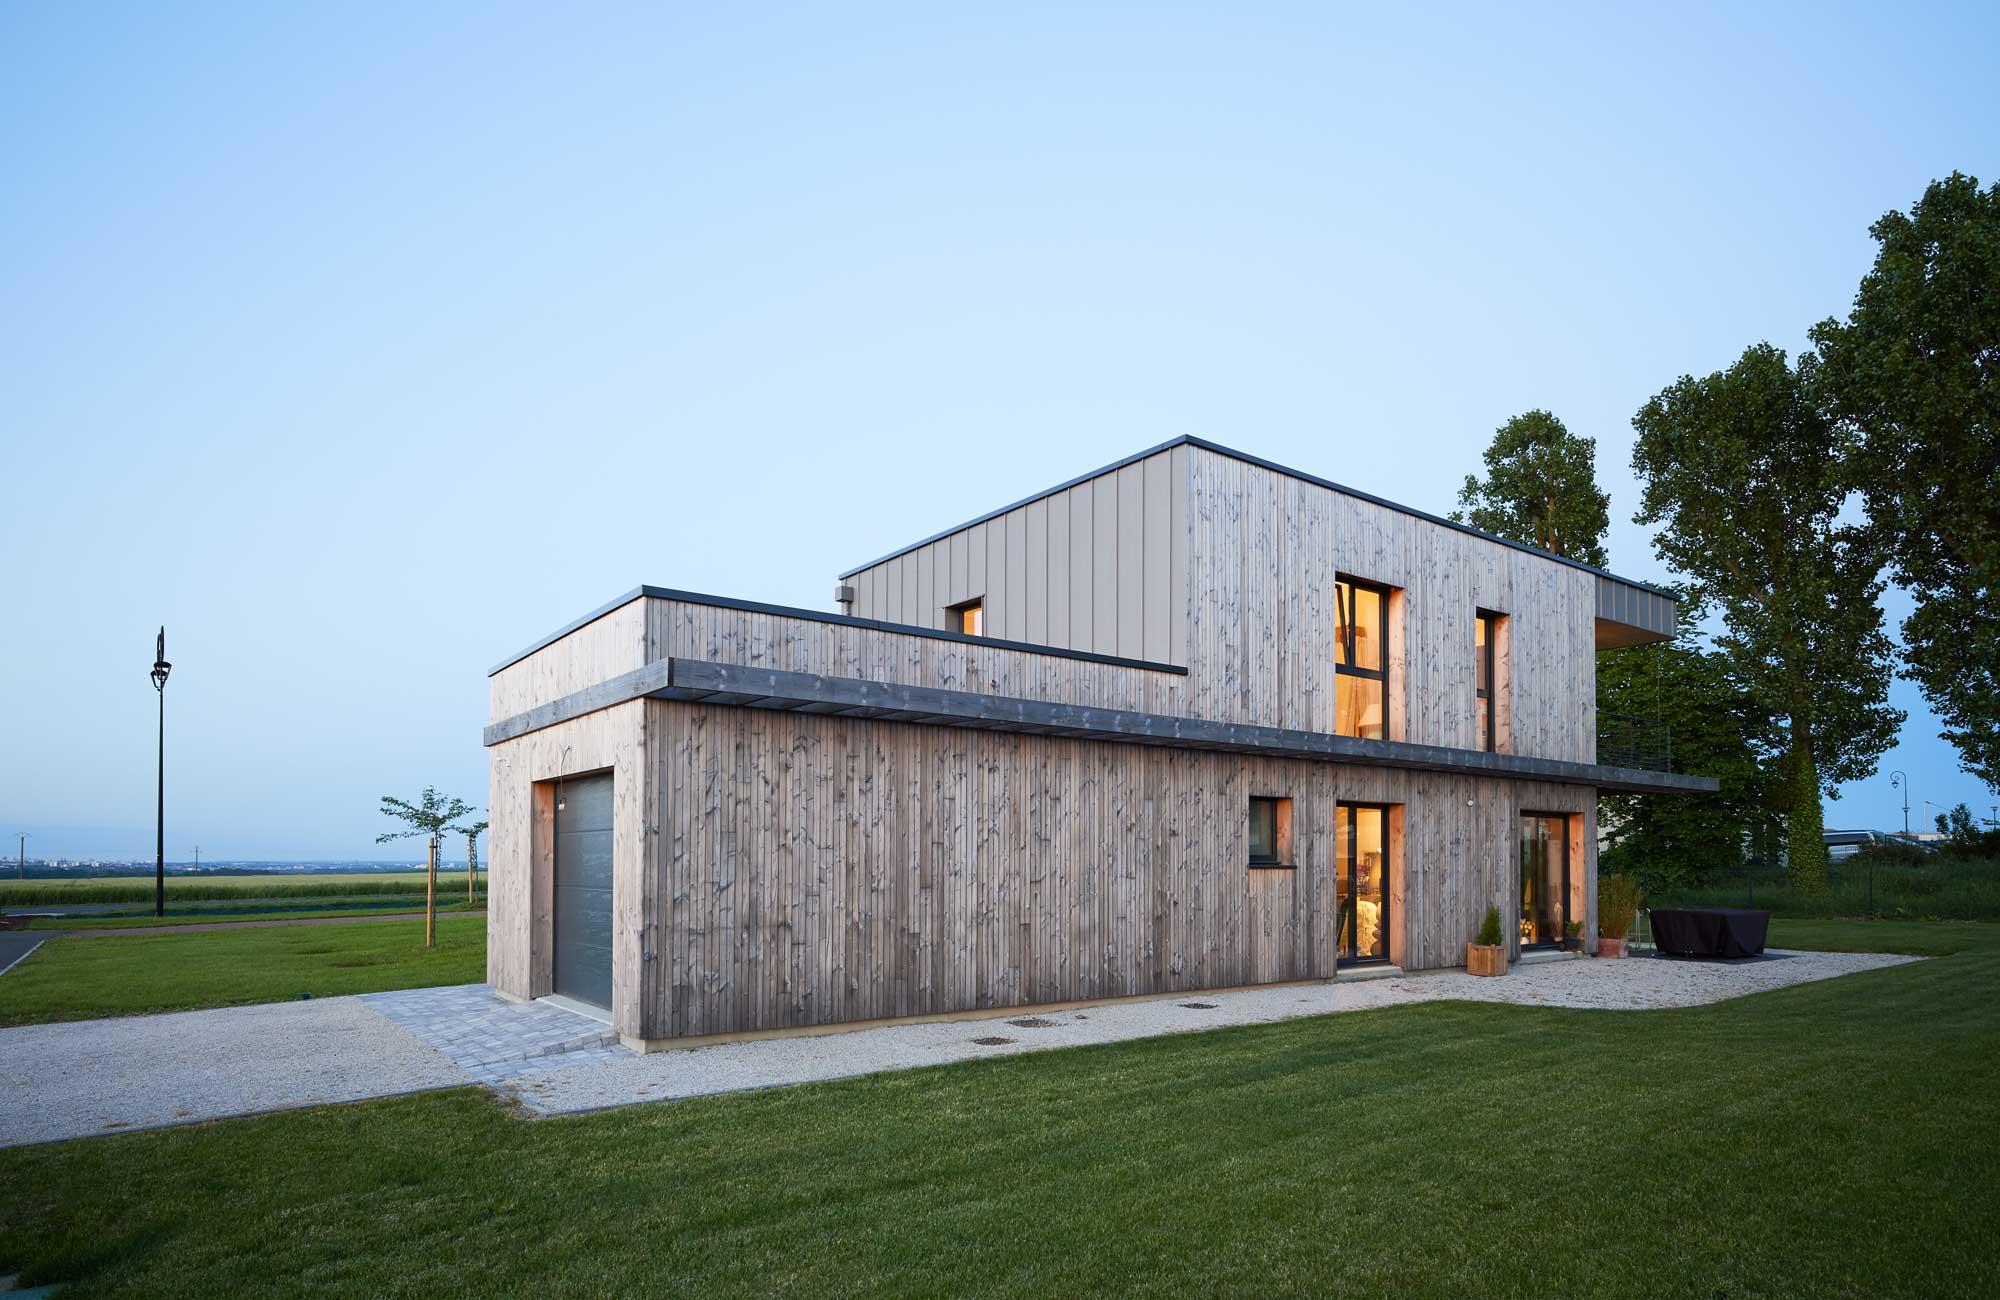 Maison En Bois Normandie agence-schneider-caen-architecte-urbaniste-normandie-maison